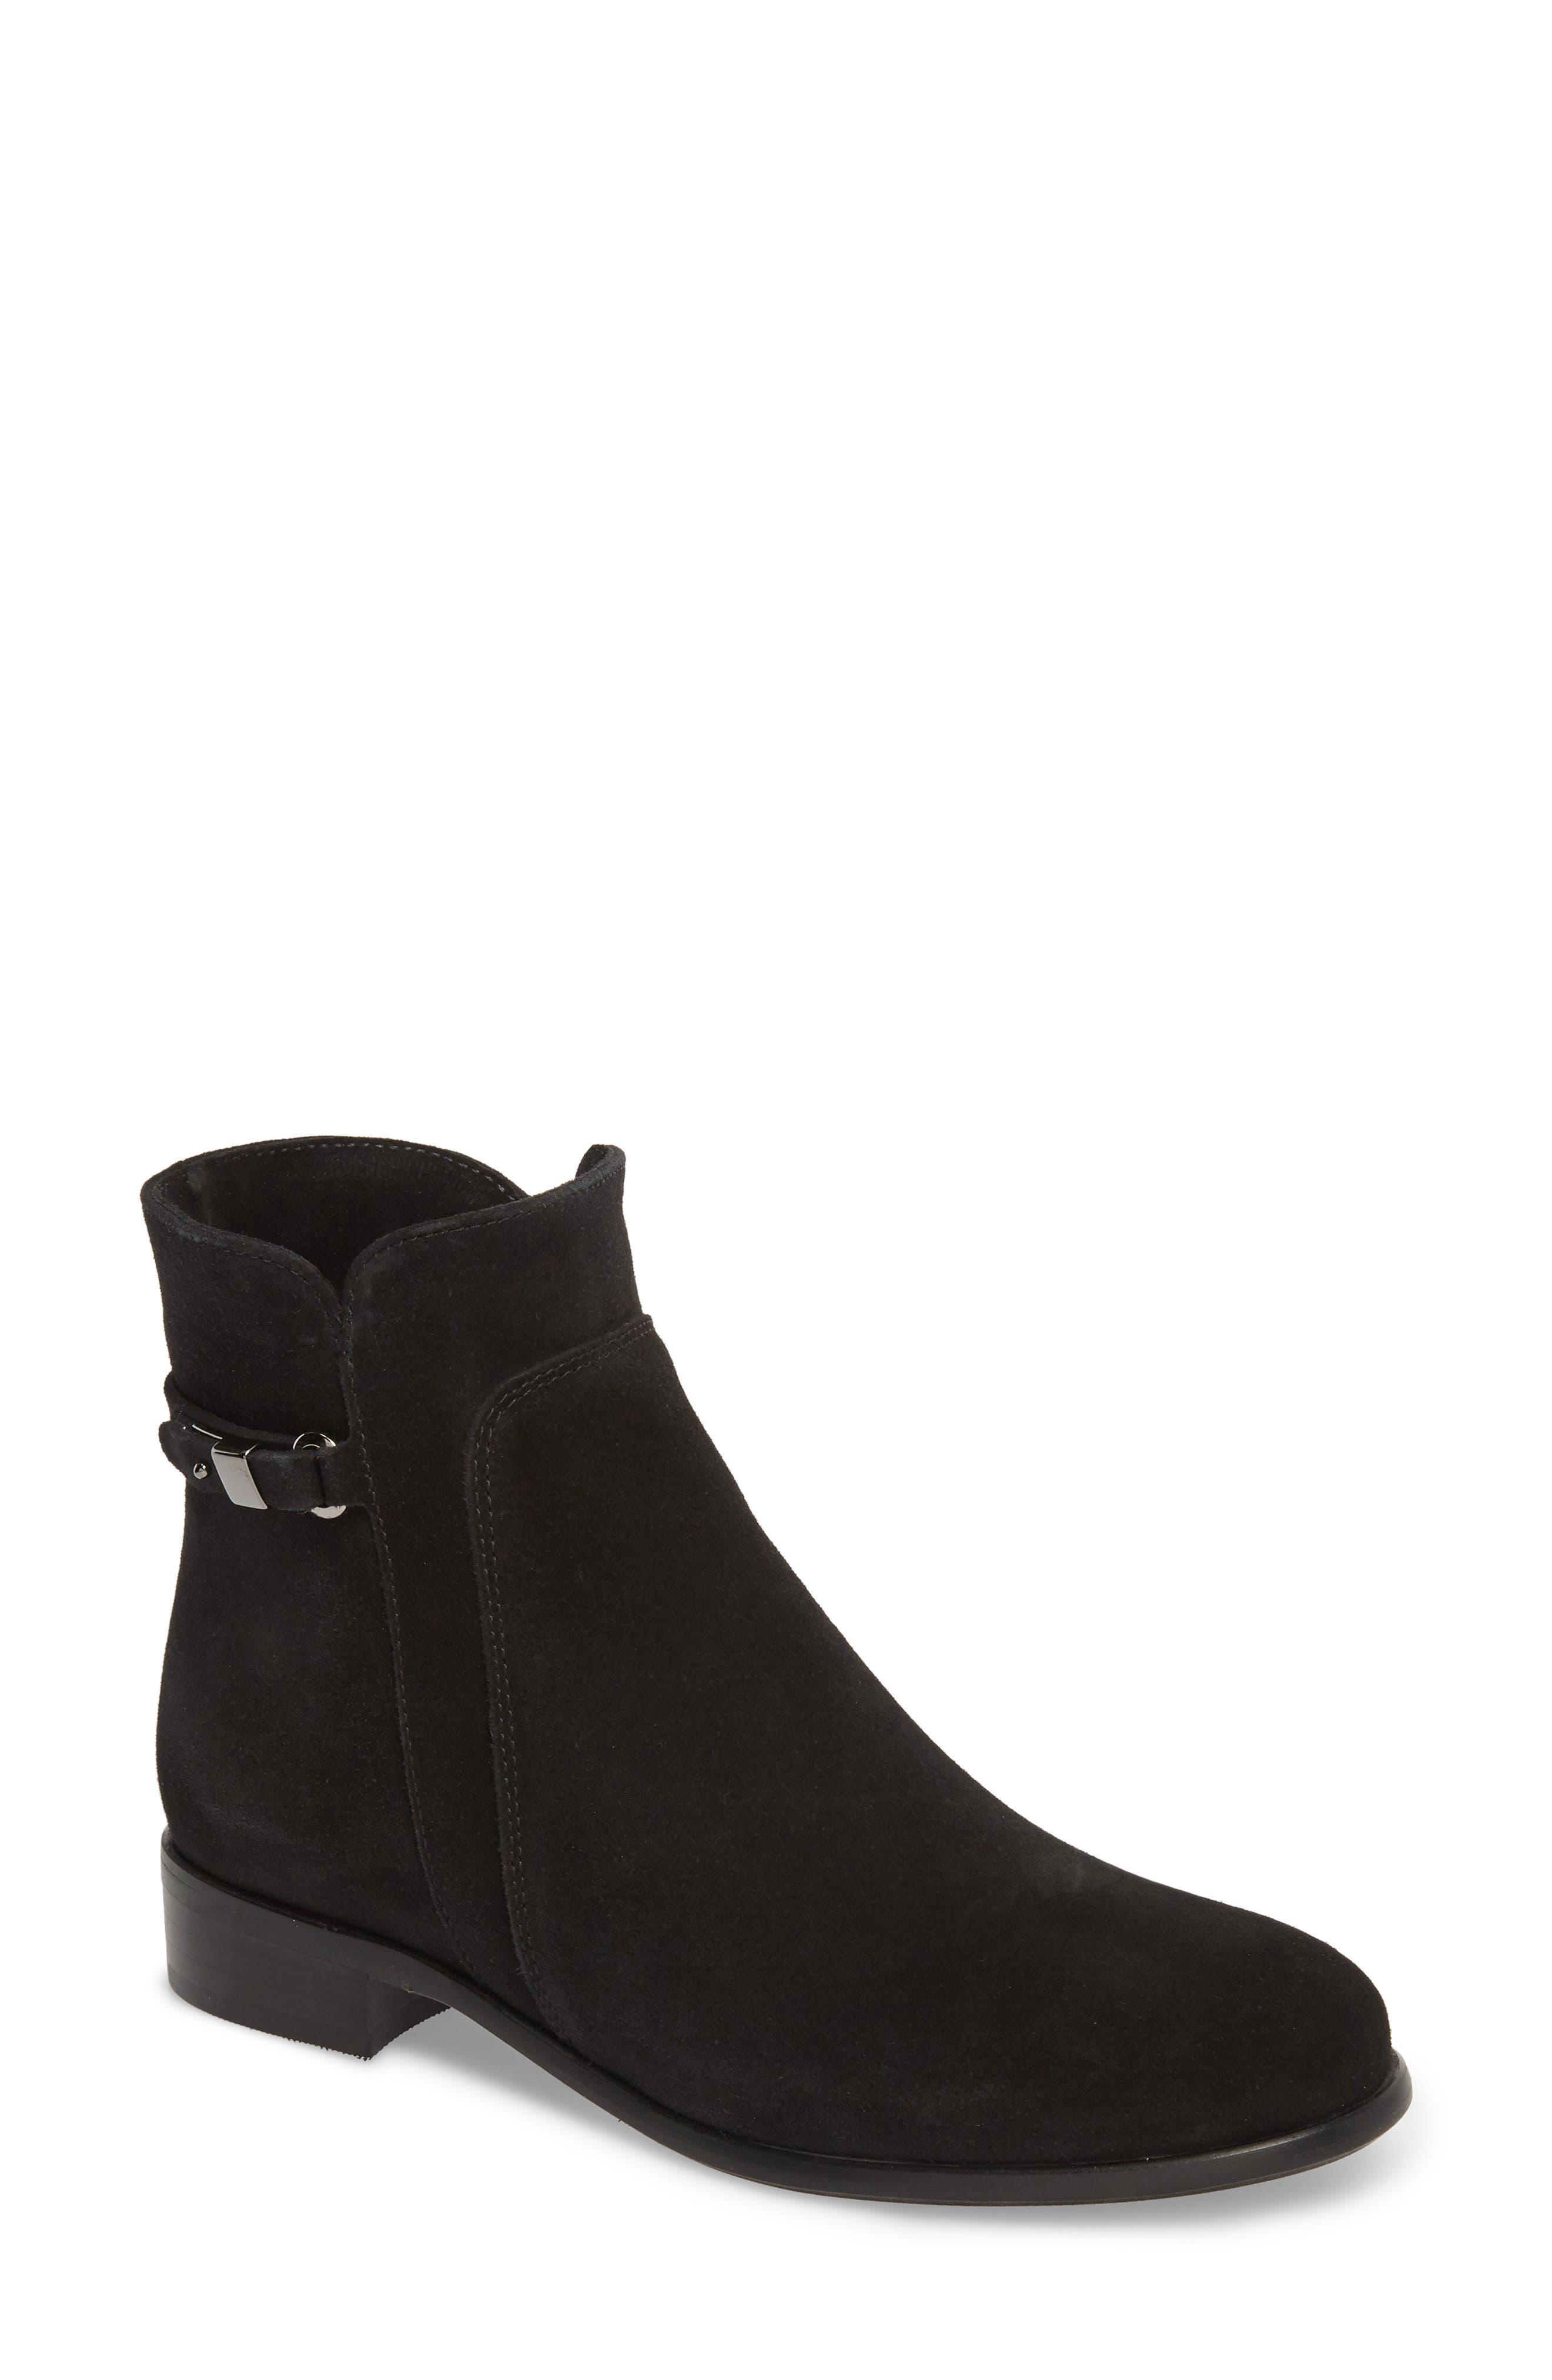 Sicilia Waterproof Boot,                         Main,                         color, Black Suede